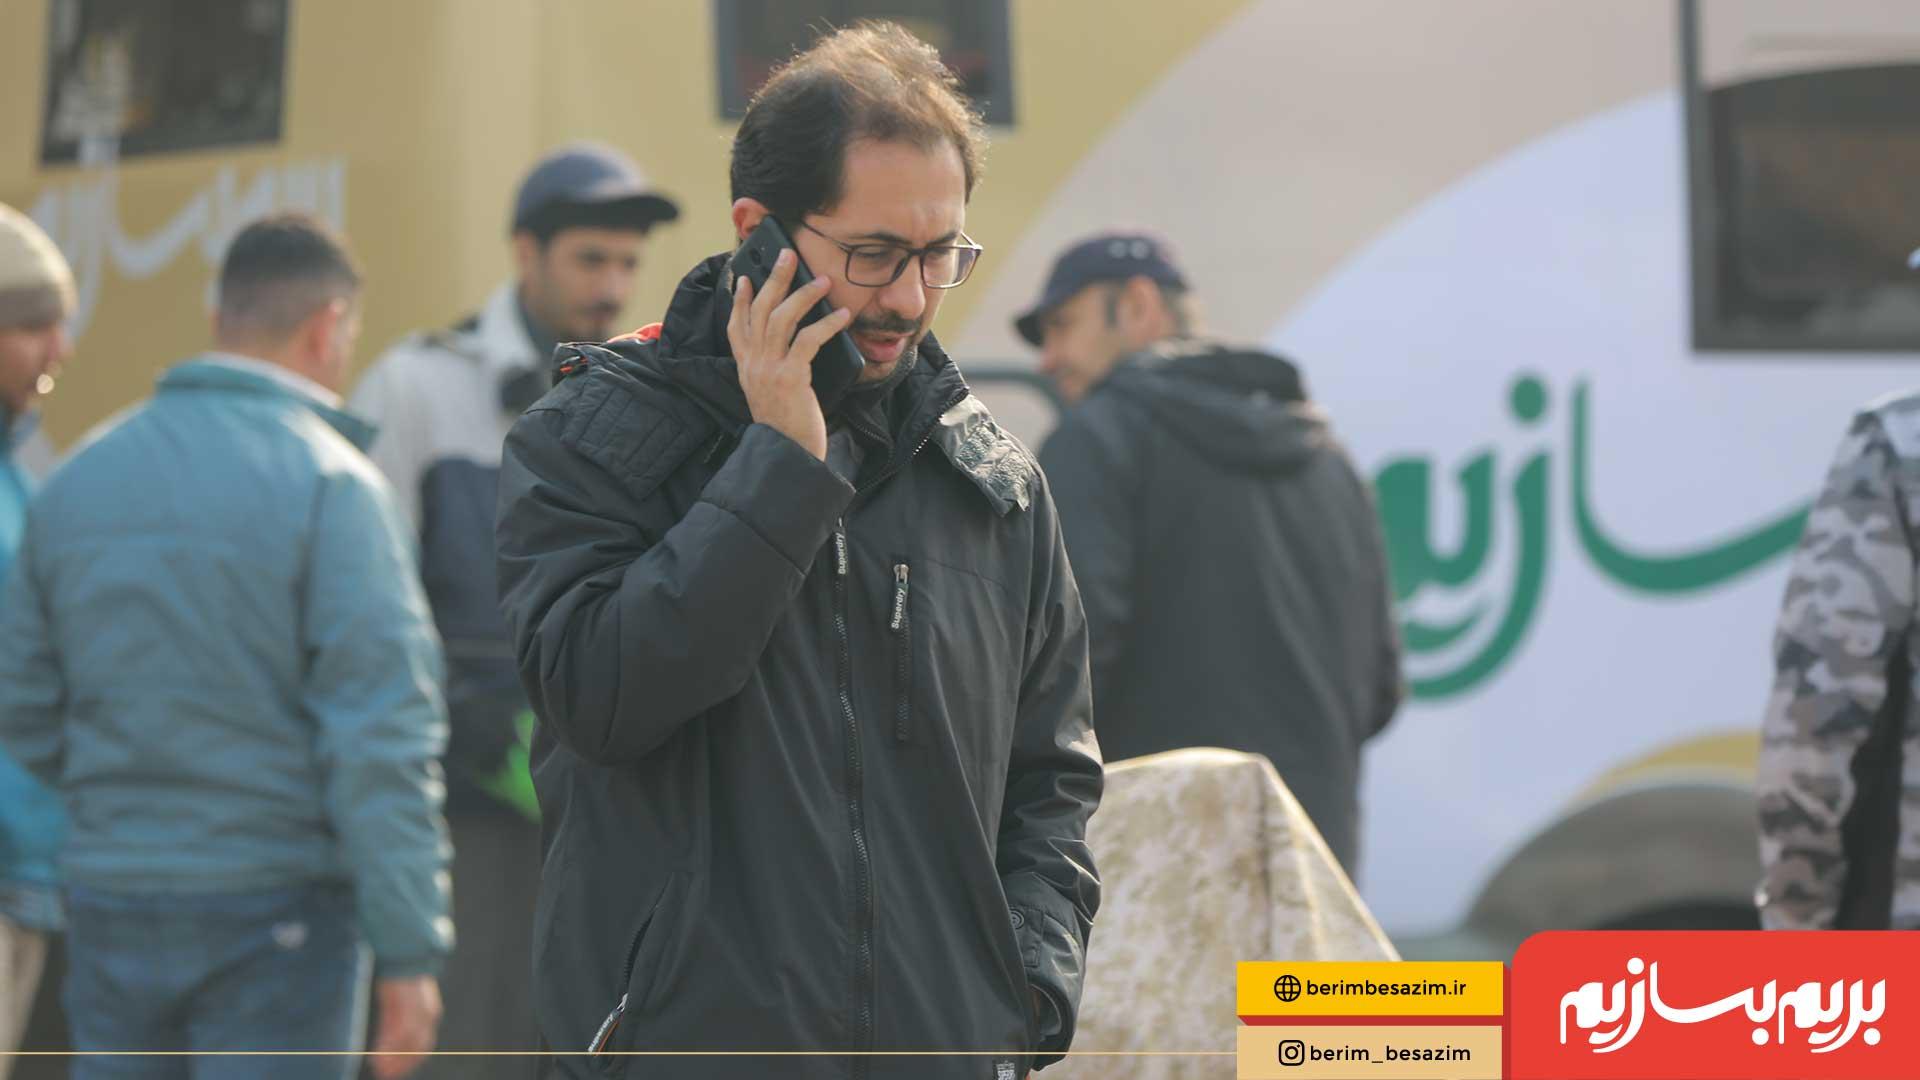 ریلیتی شویی که منجر به ایجاد خیریه شد/ گفت و گو با «احمد شفیعی»، تهیه کننده «بریم بسازیم»